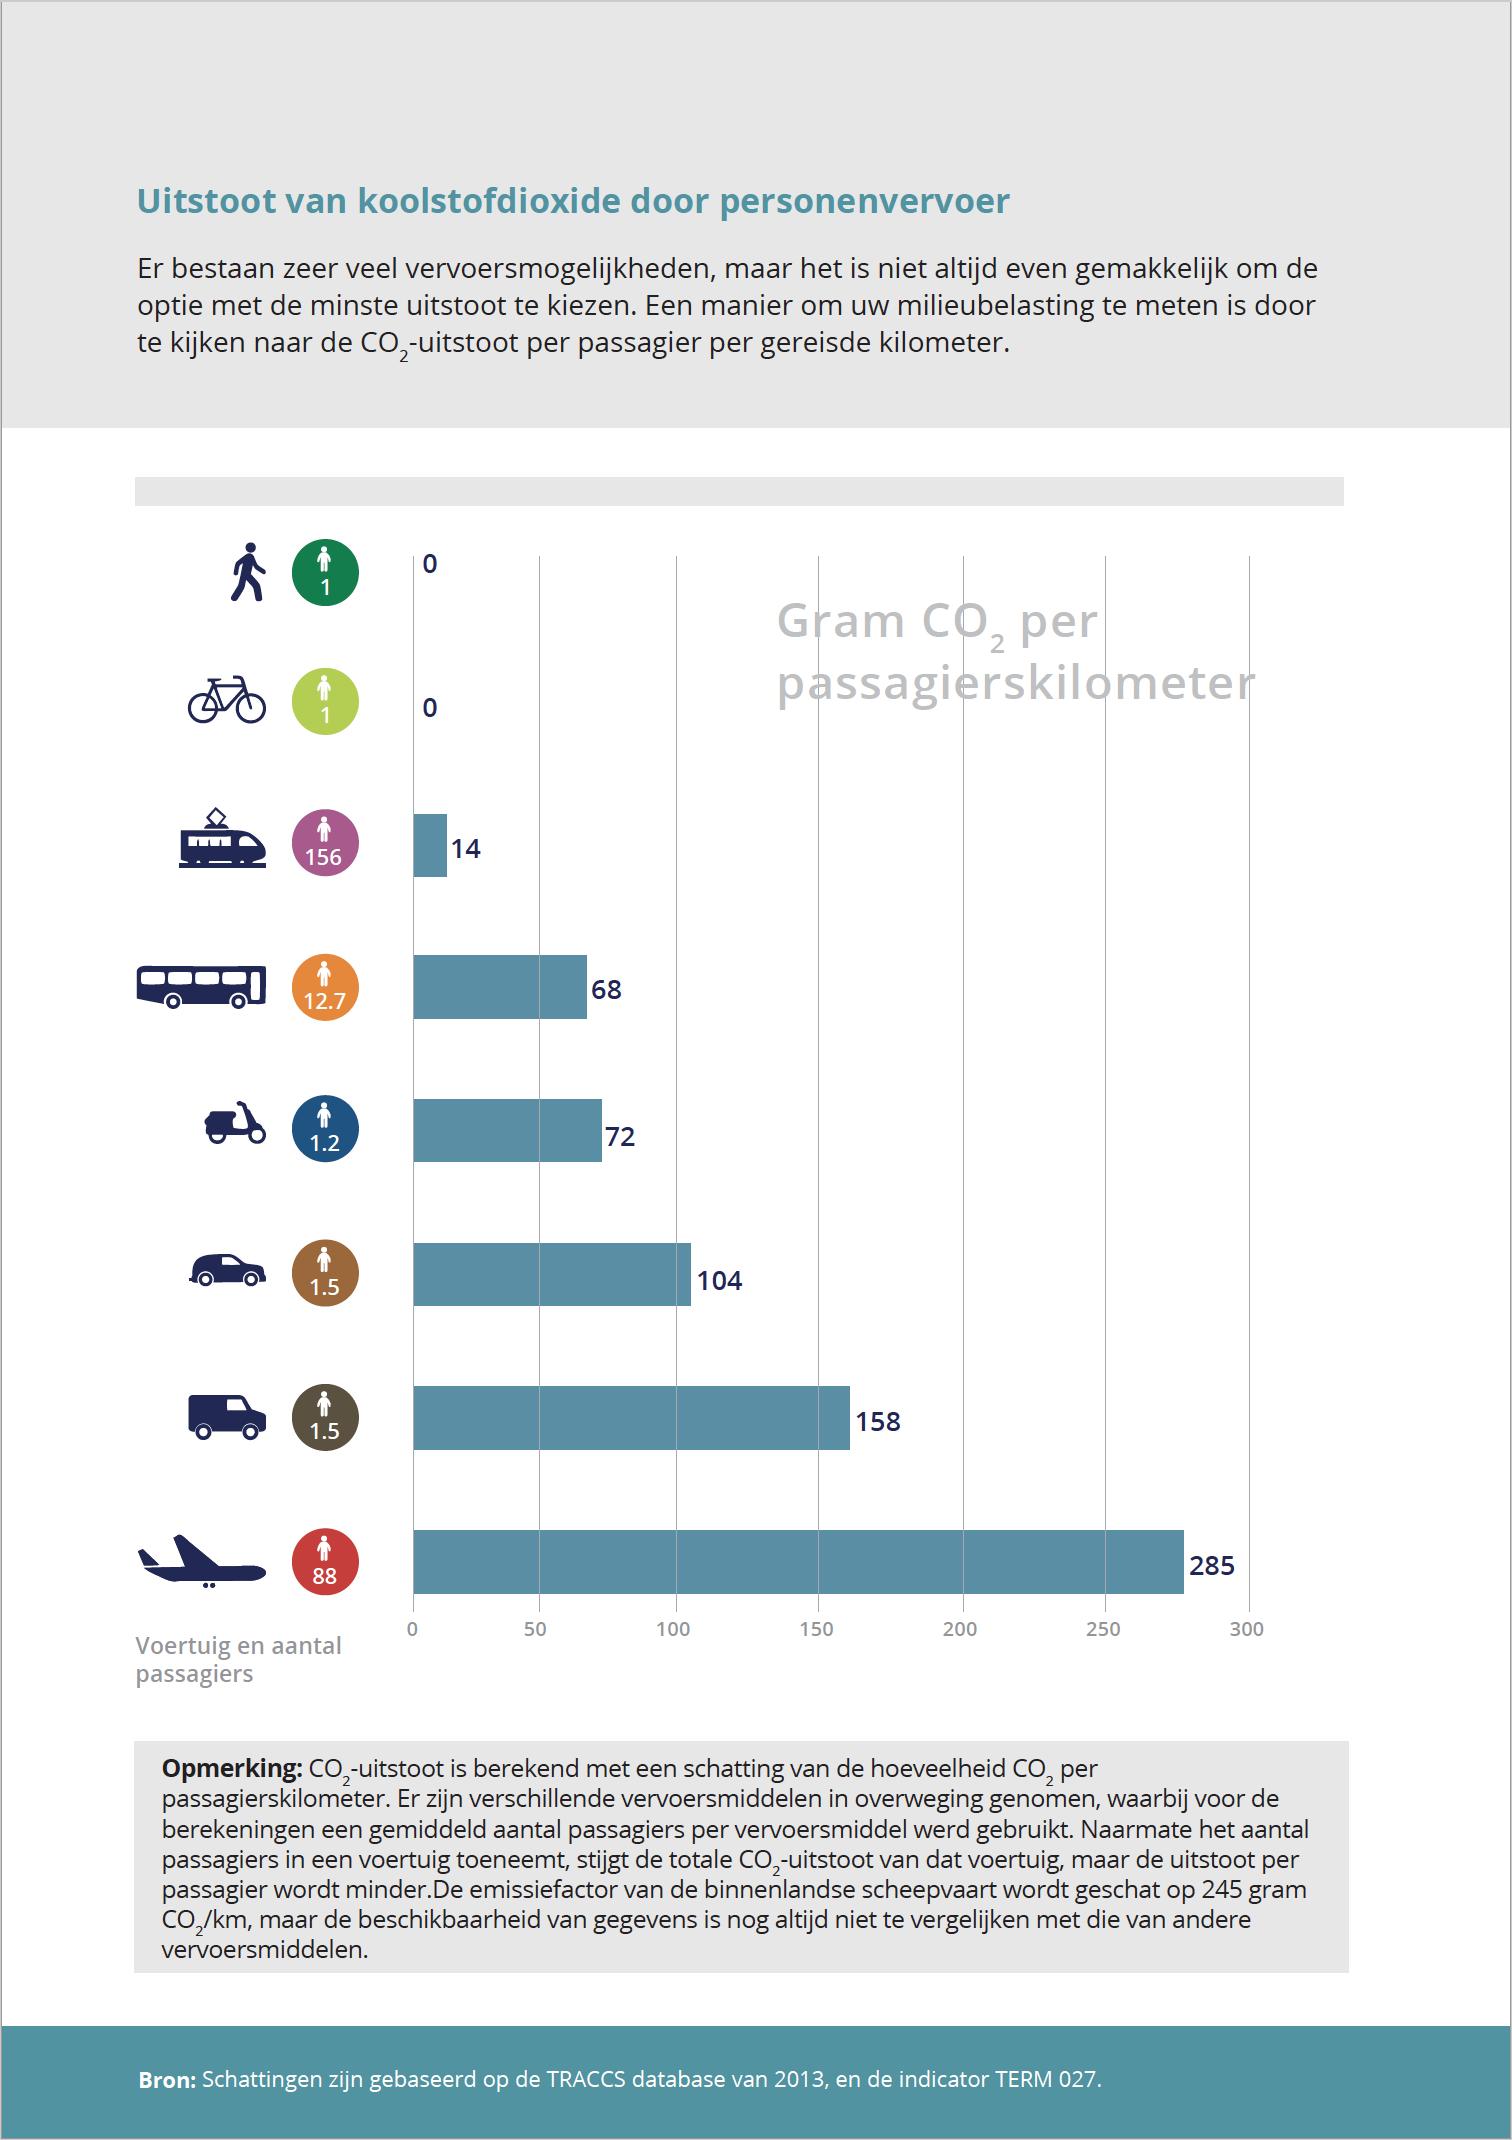 Uitstoot van koolstofdioxide door personenvervoer